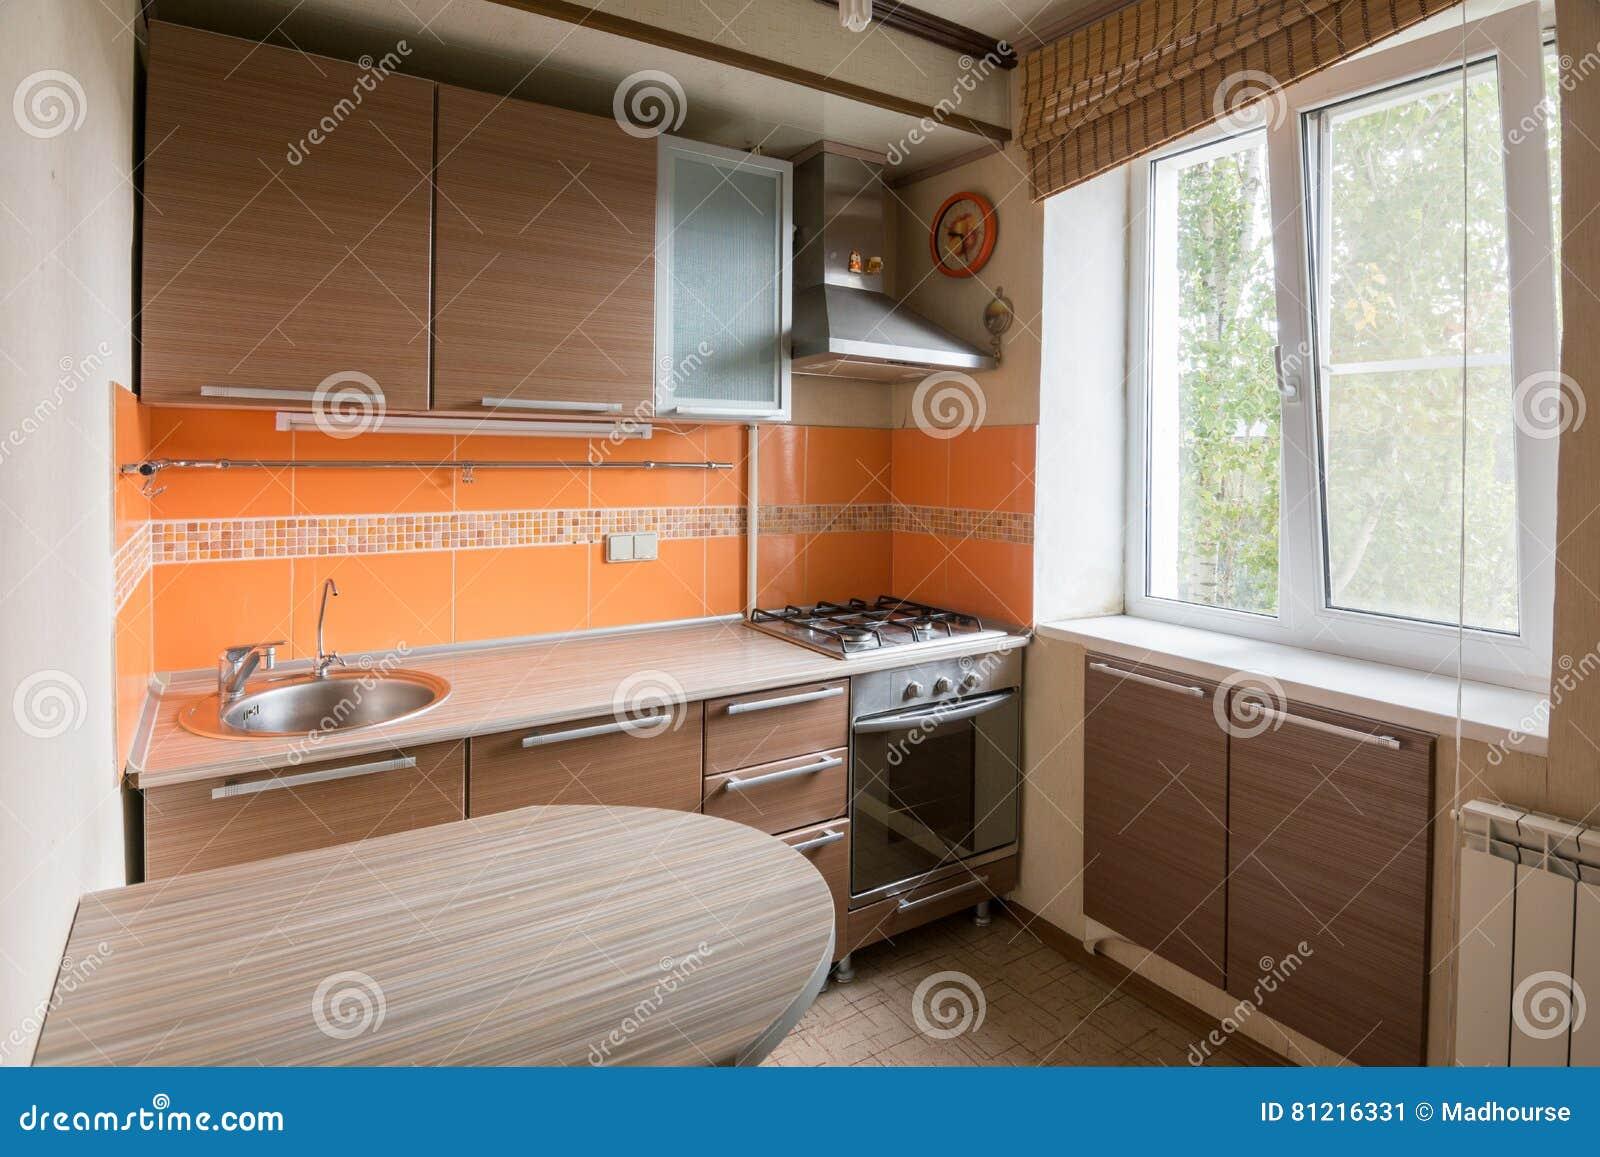 Interieur D Un Equipement Vide De Cuisine A Vendre Image Stock